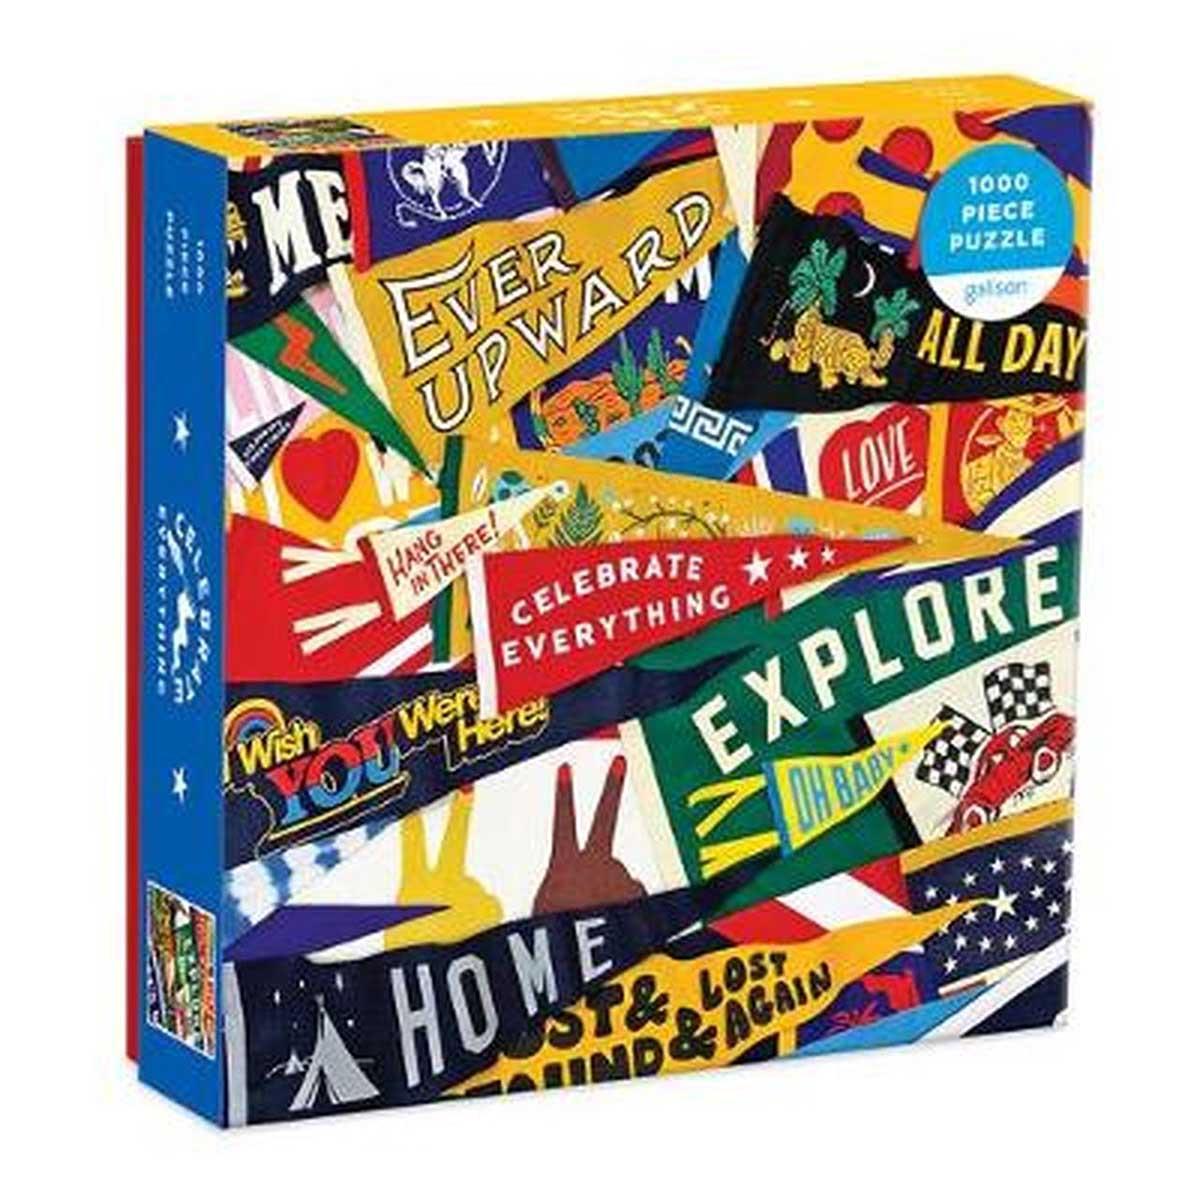 Celebrate Everything Graphics / Illustration Jigsaw Puzzle